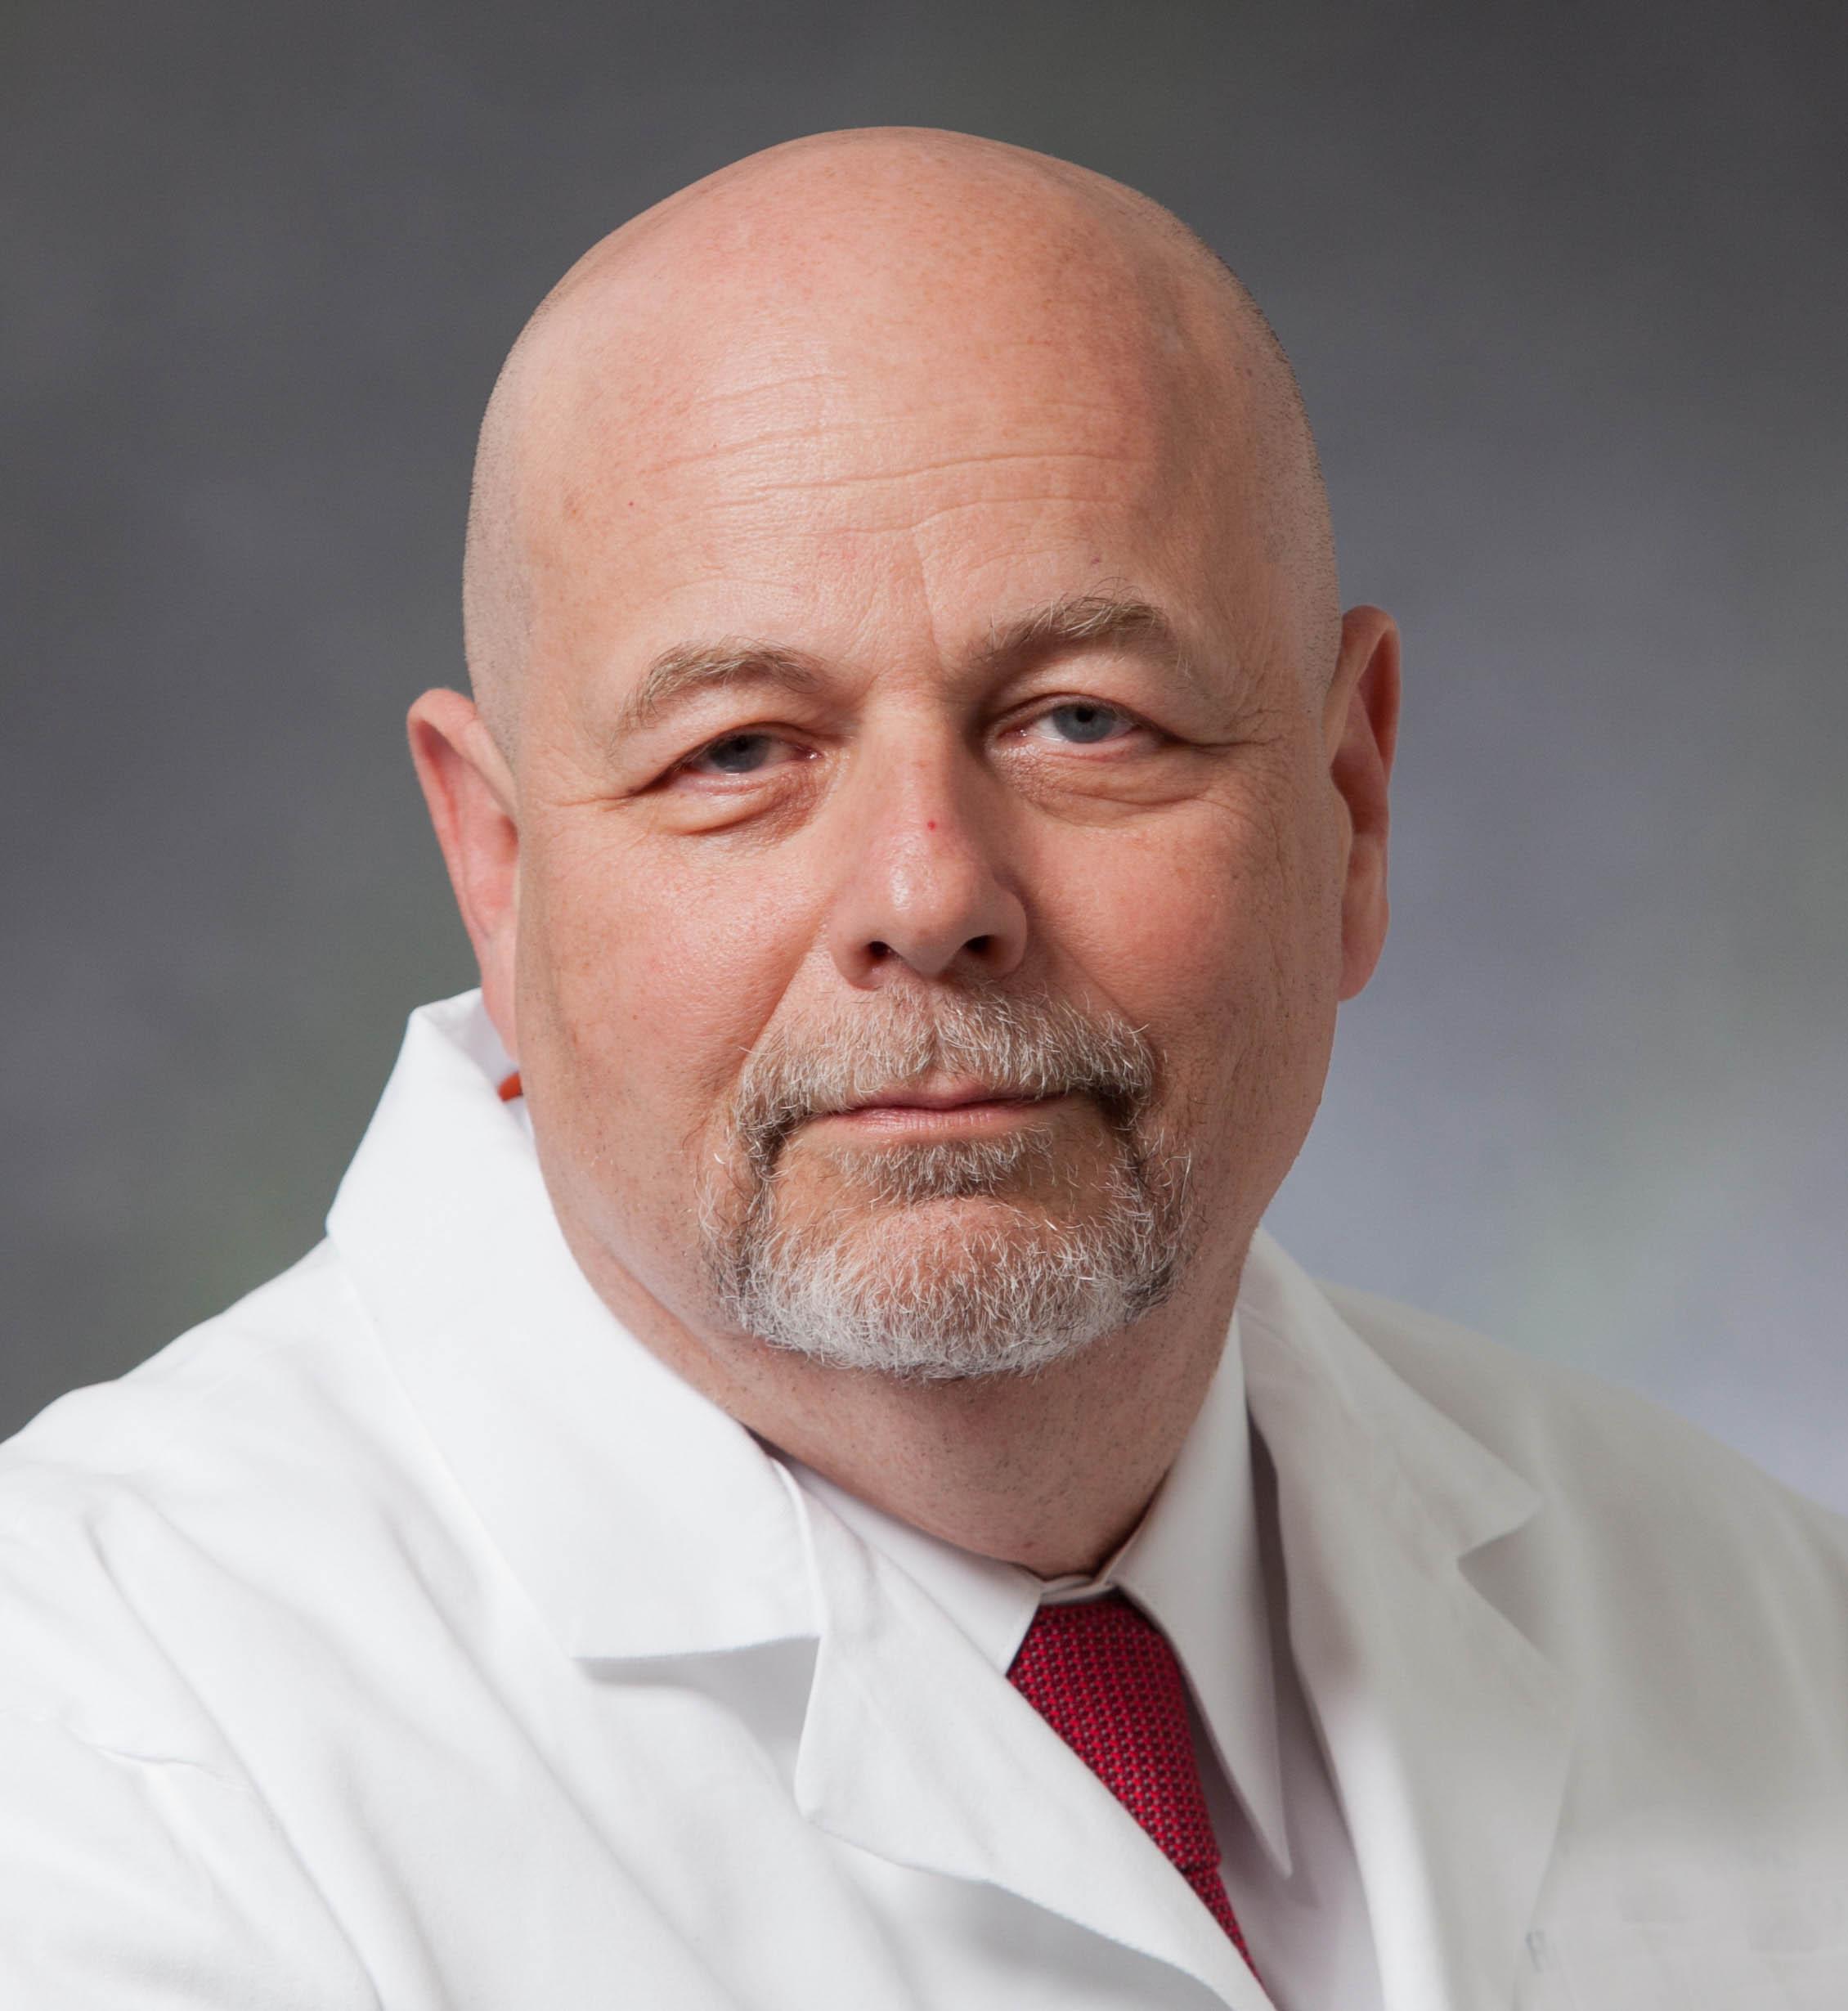 Scott D. Woogen, M.D.